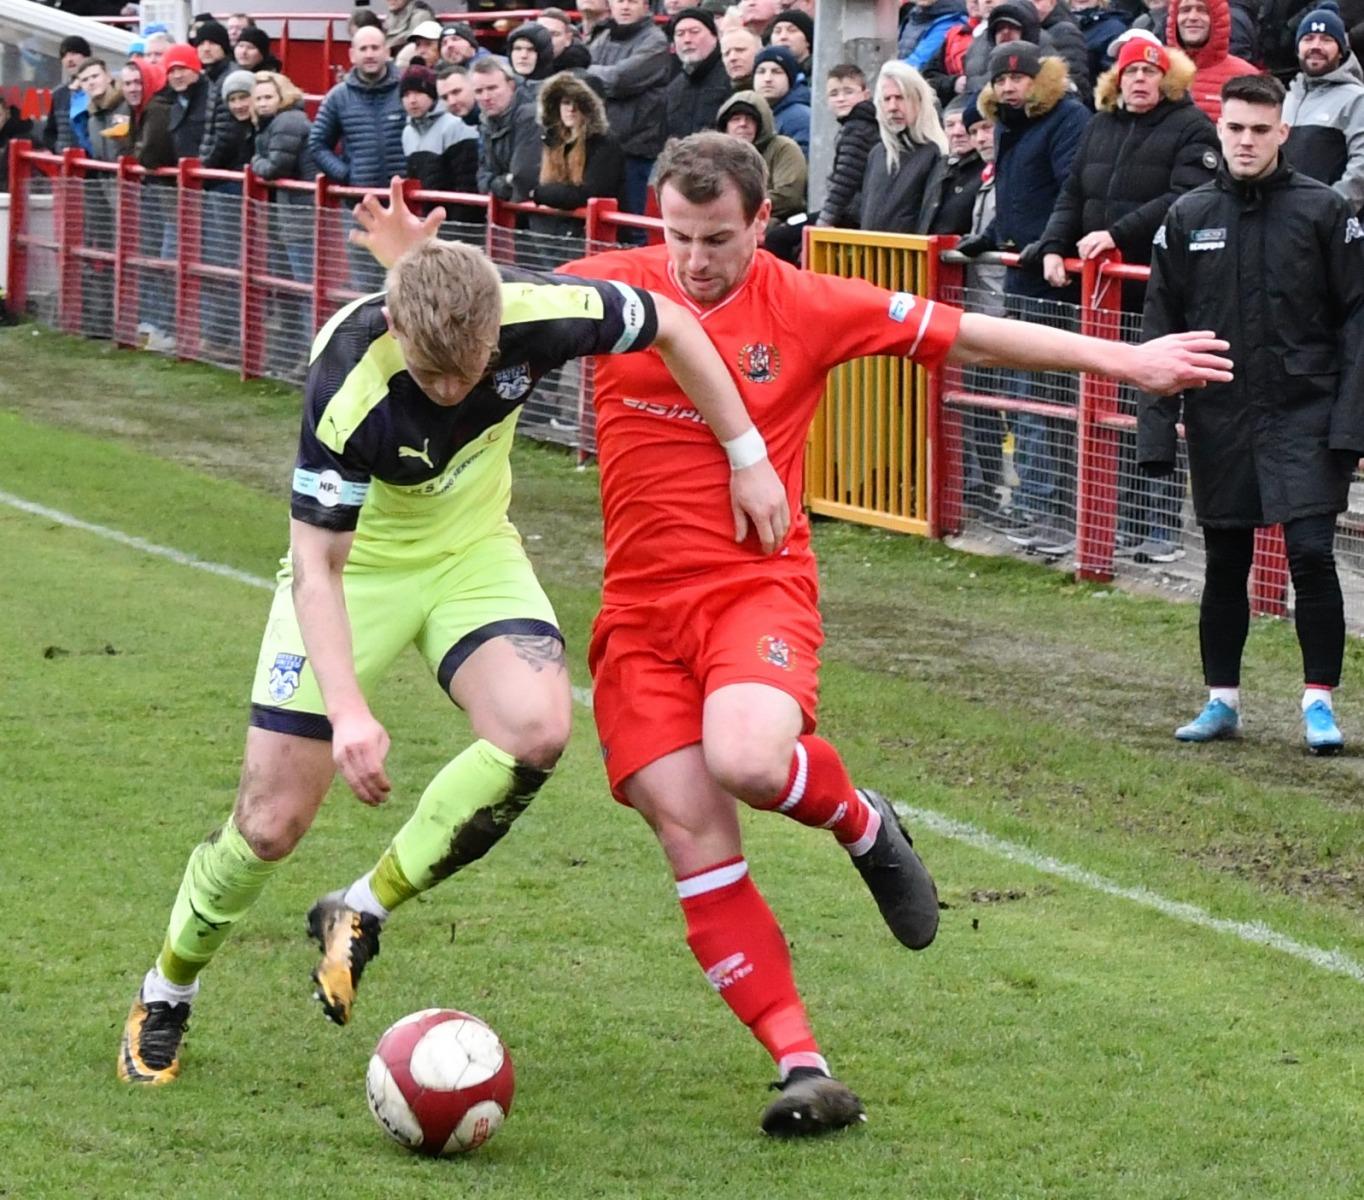 Workington-Reds-v-Ossett-Utd-Ben-Challis-12